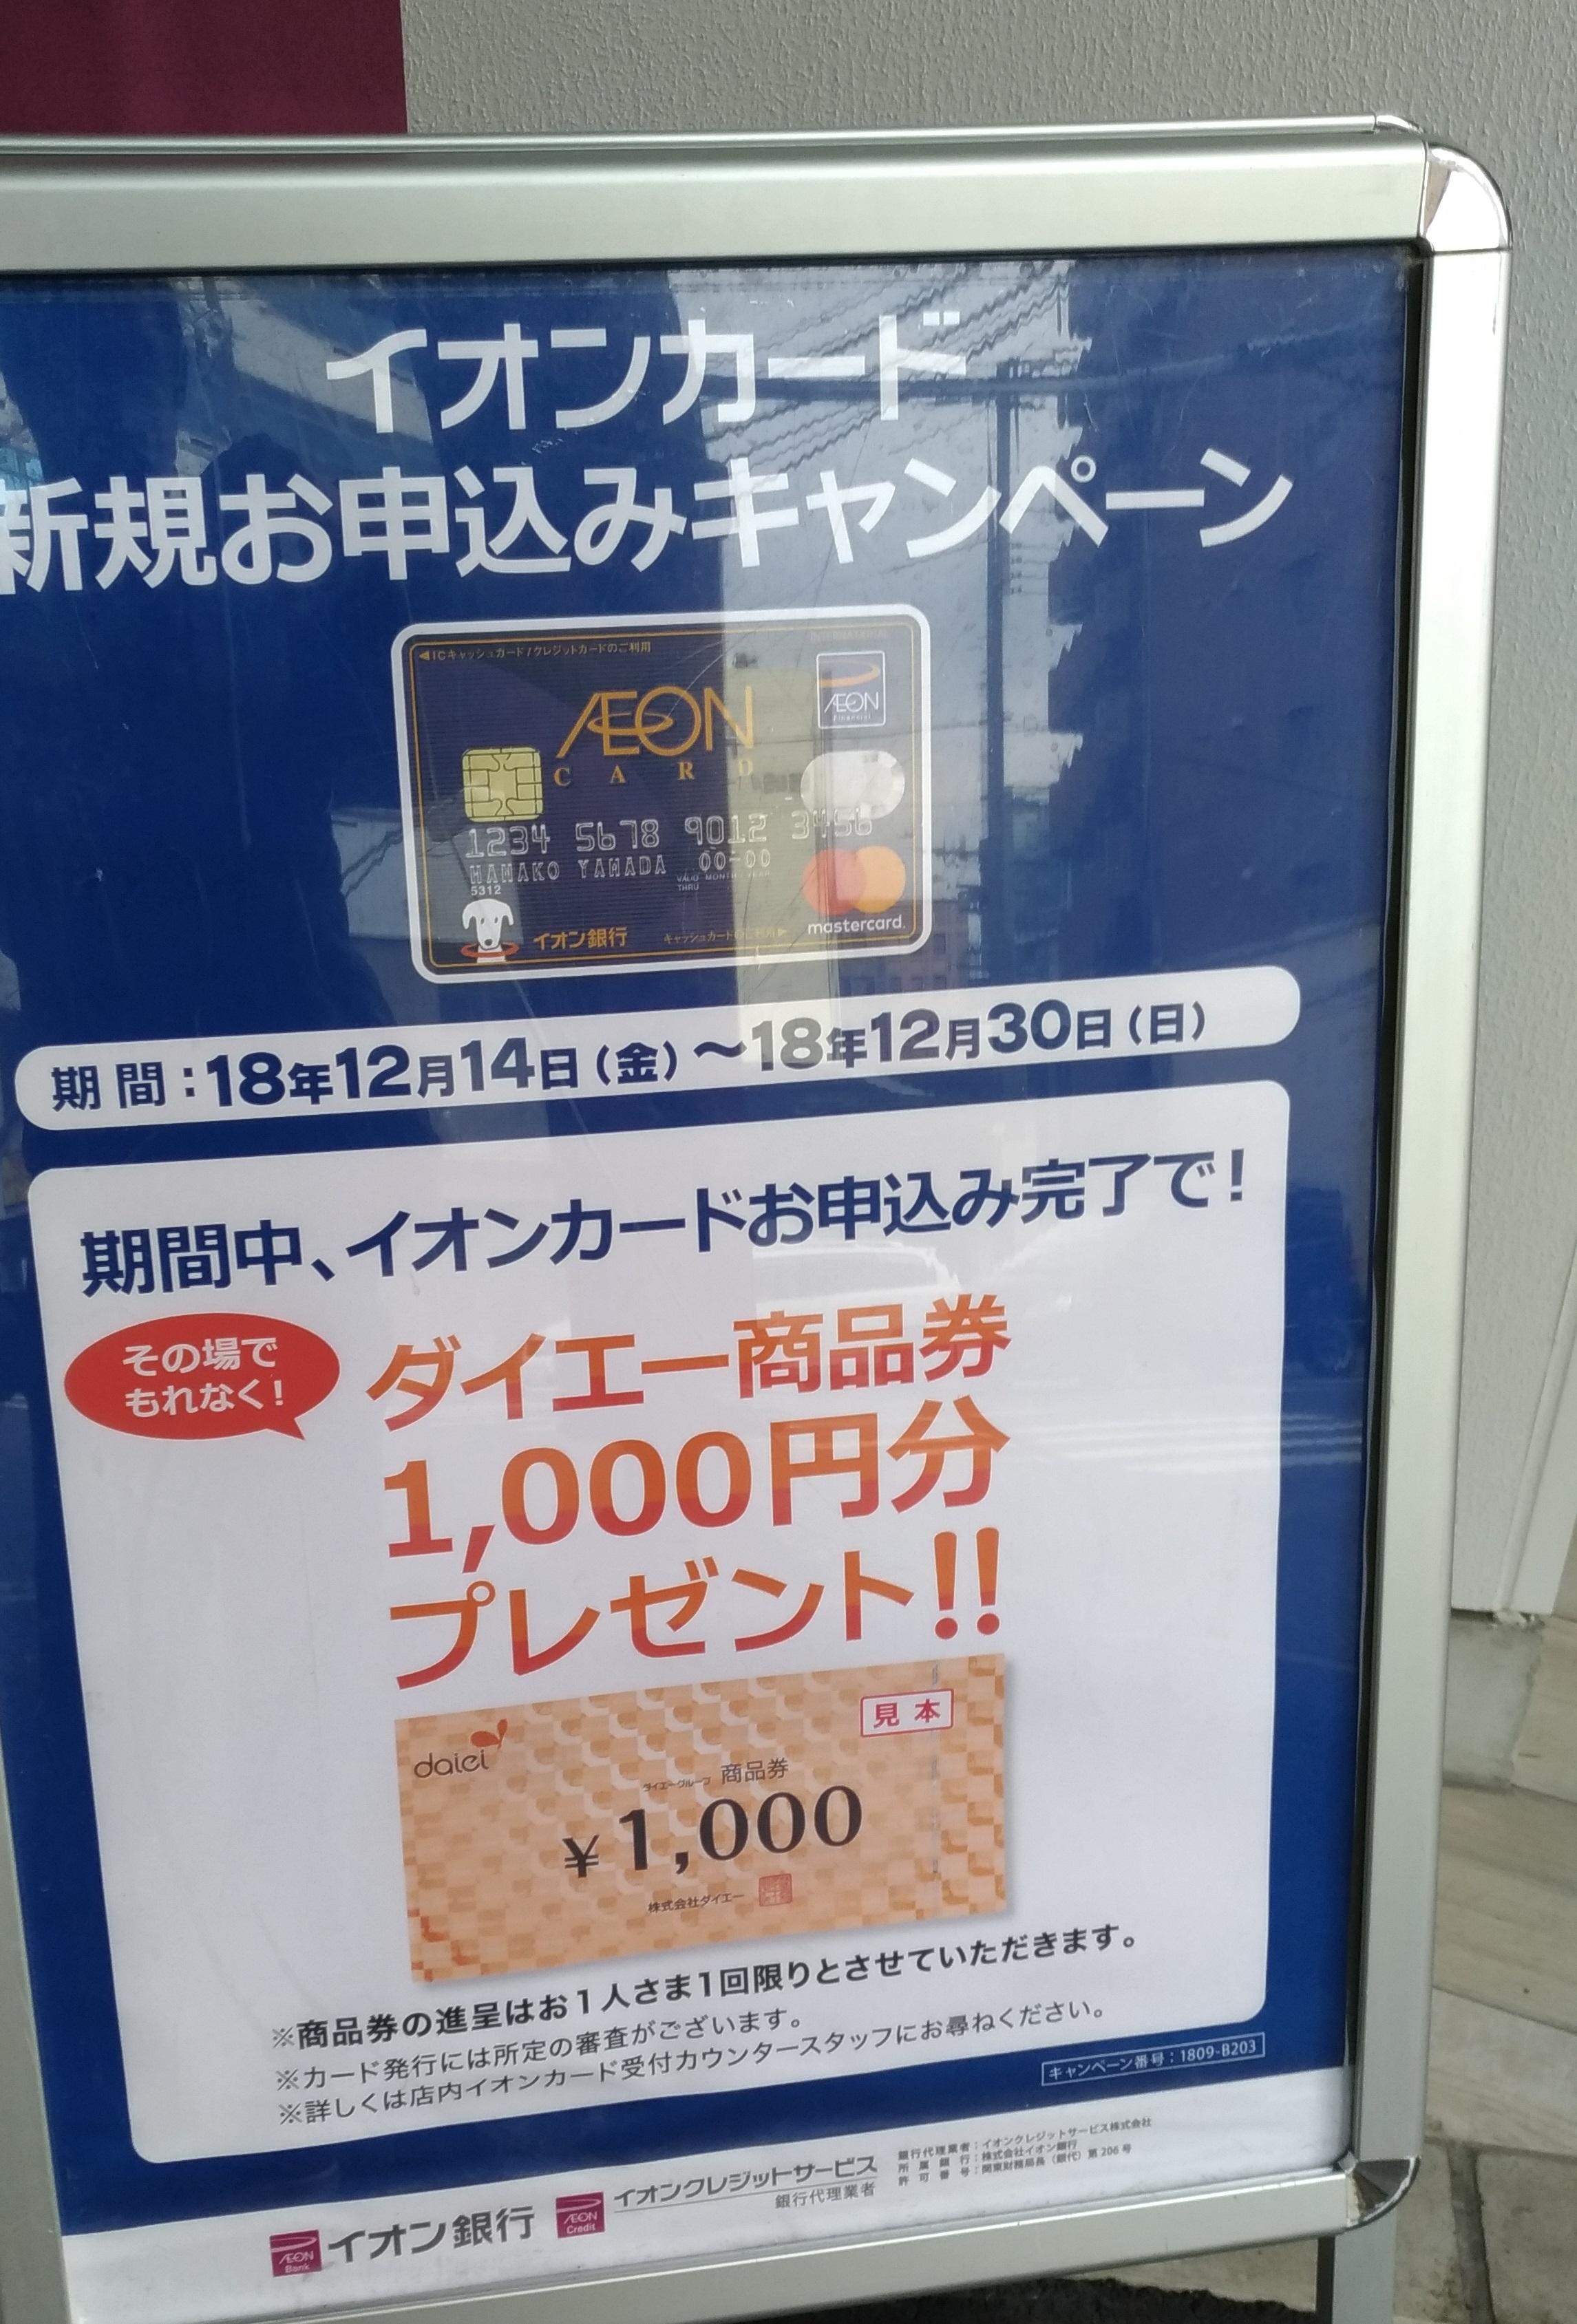 aeon_food_osaka_umeda_nakazakityo3.jpg